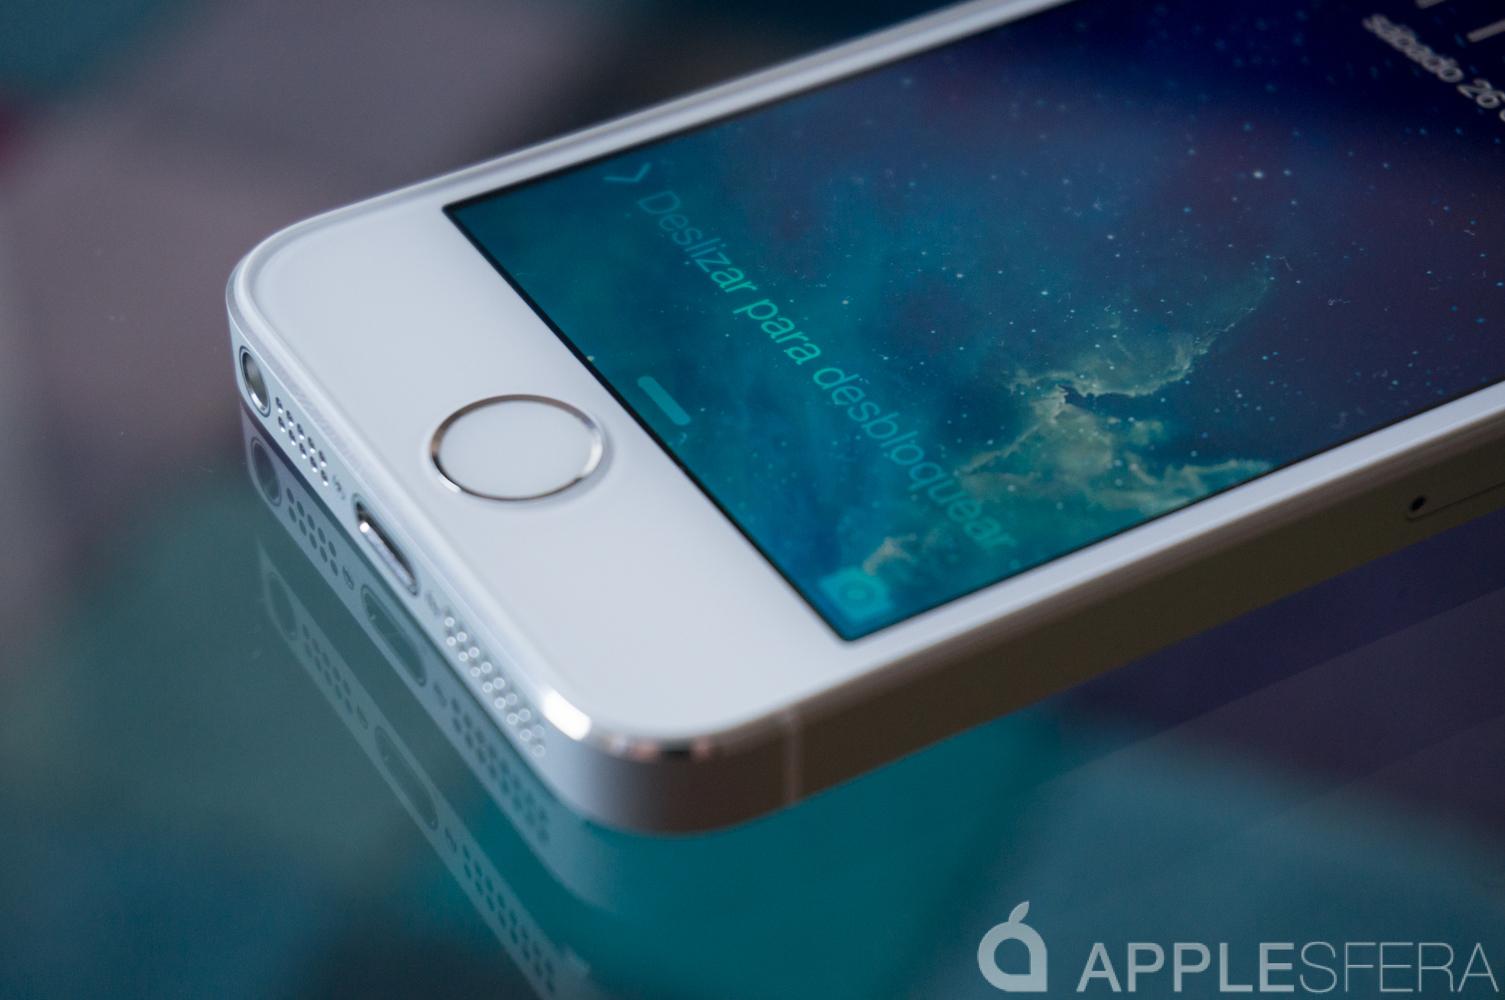 Diseño exterior del iPhone 5s